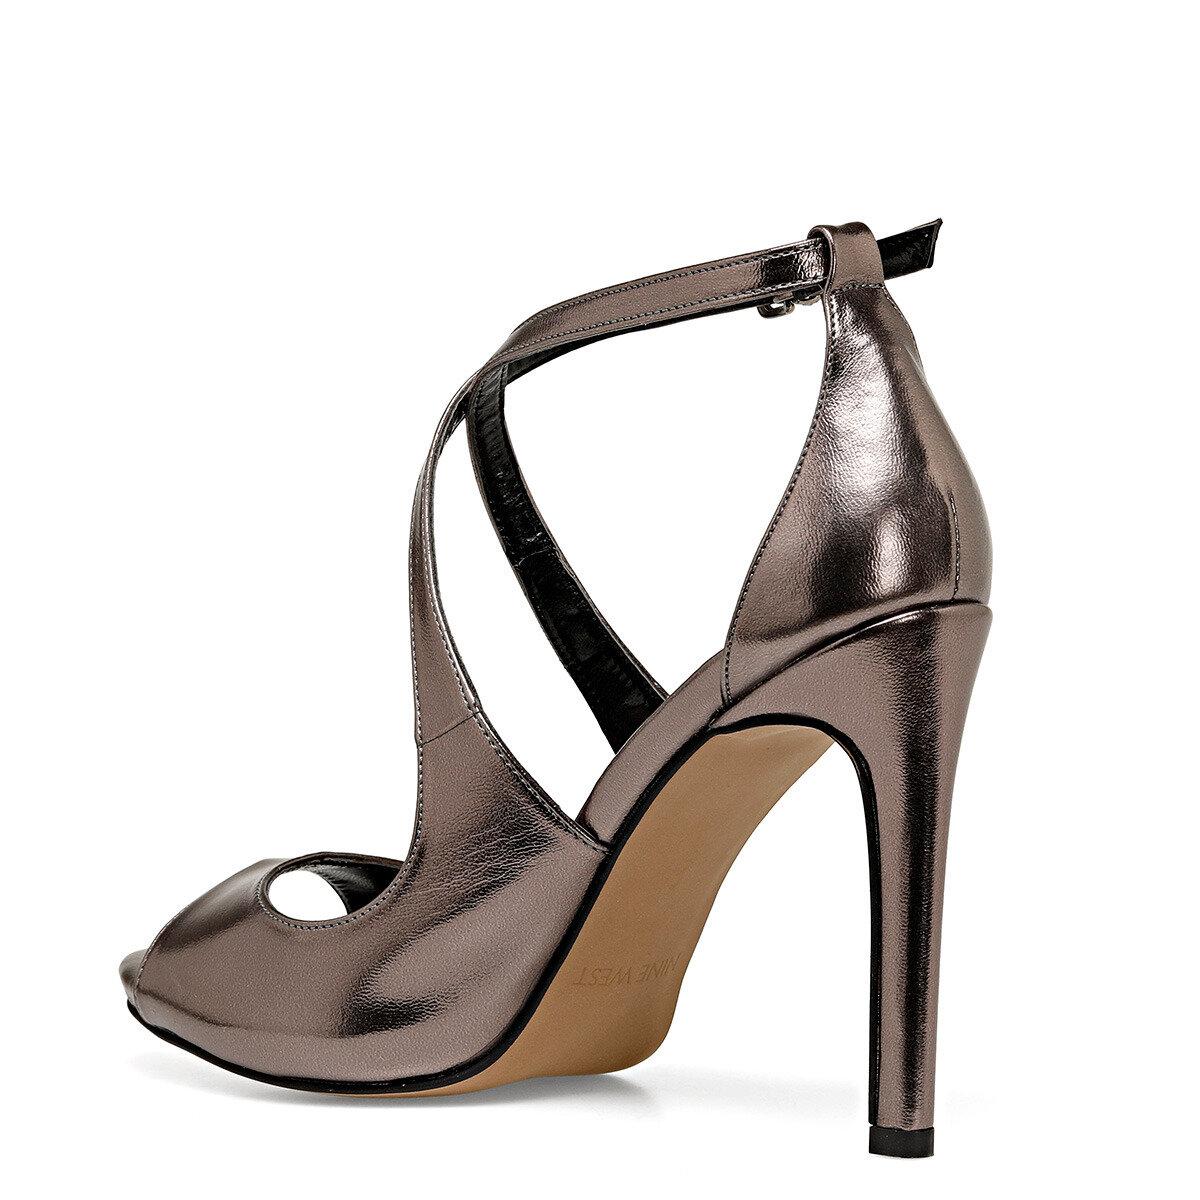 MILLA Gümüş Kadın Topuklu Ayakkabı